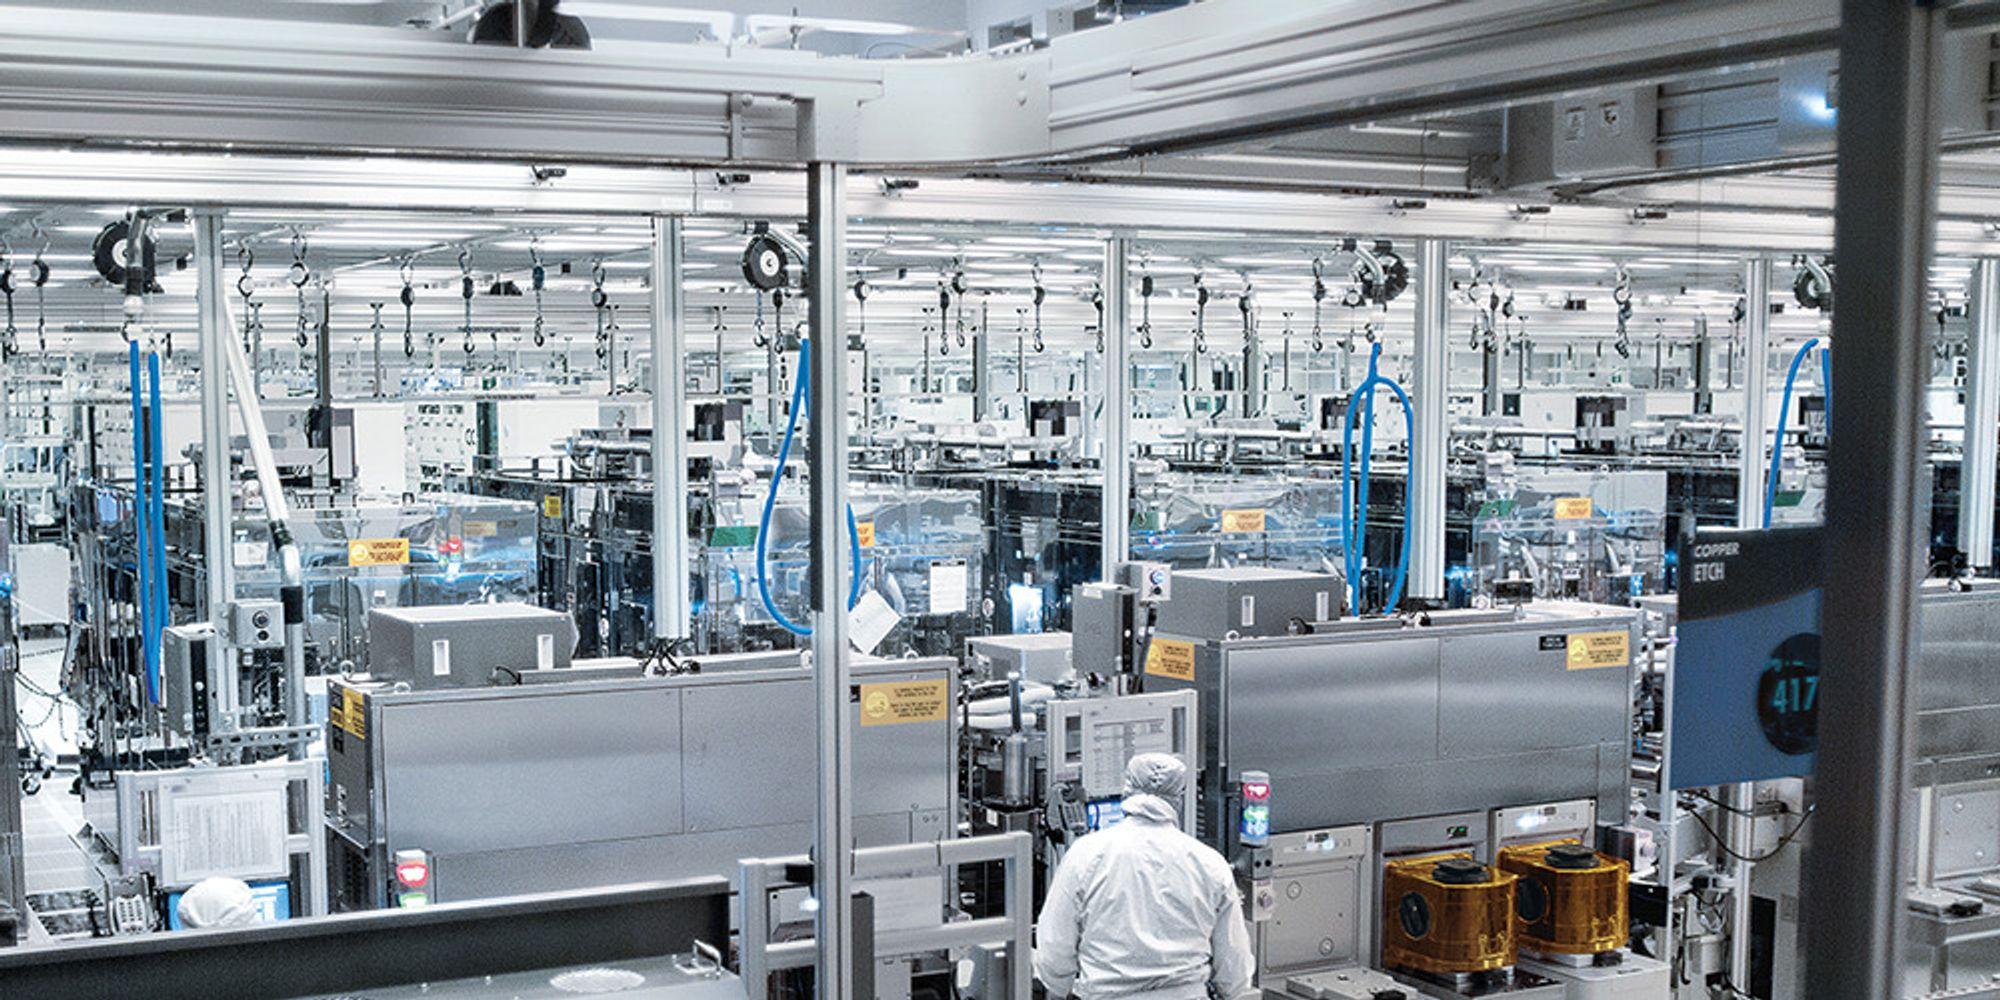 Det er i anlegg som dette at Intel Custom Foundry produserer mikrobrikker.